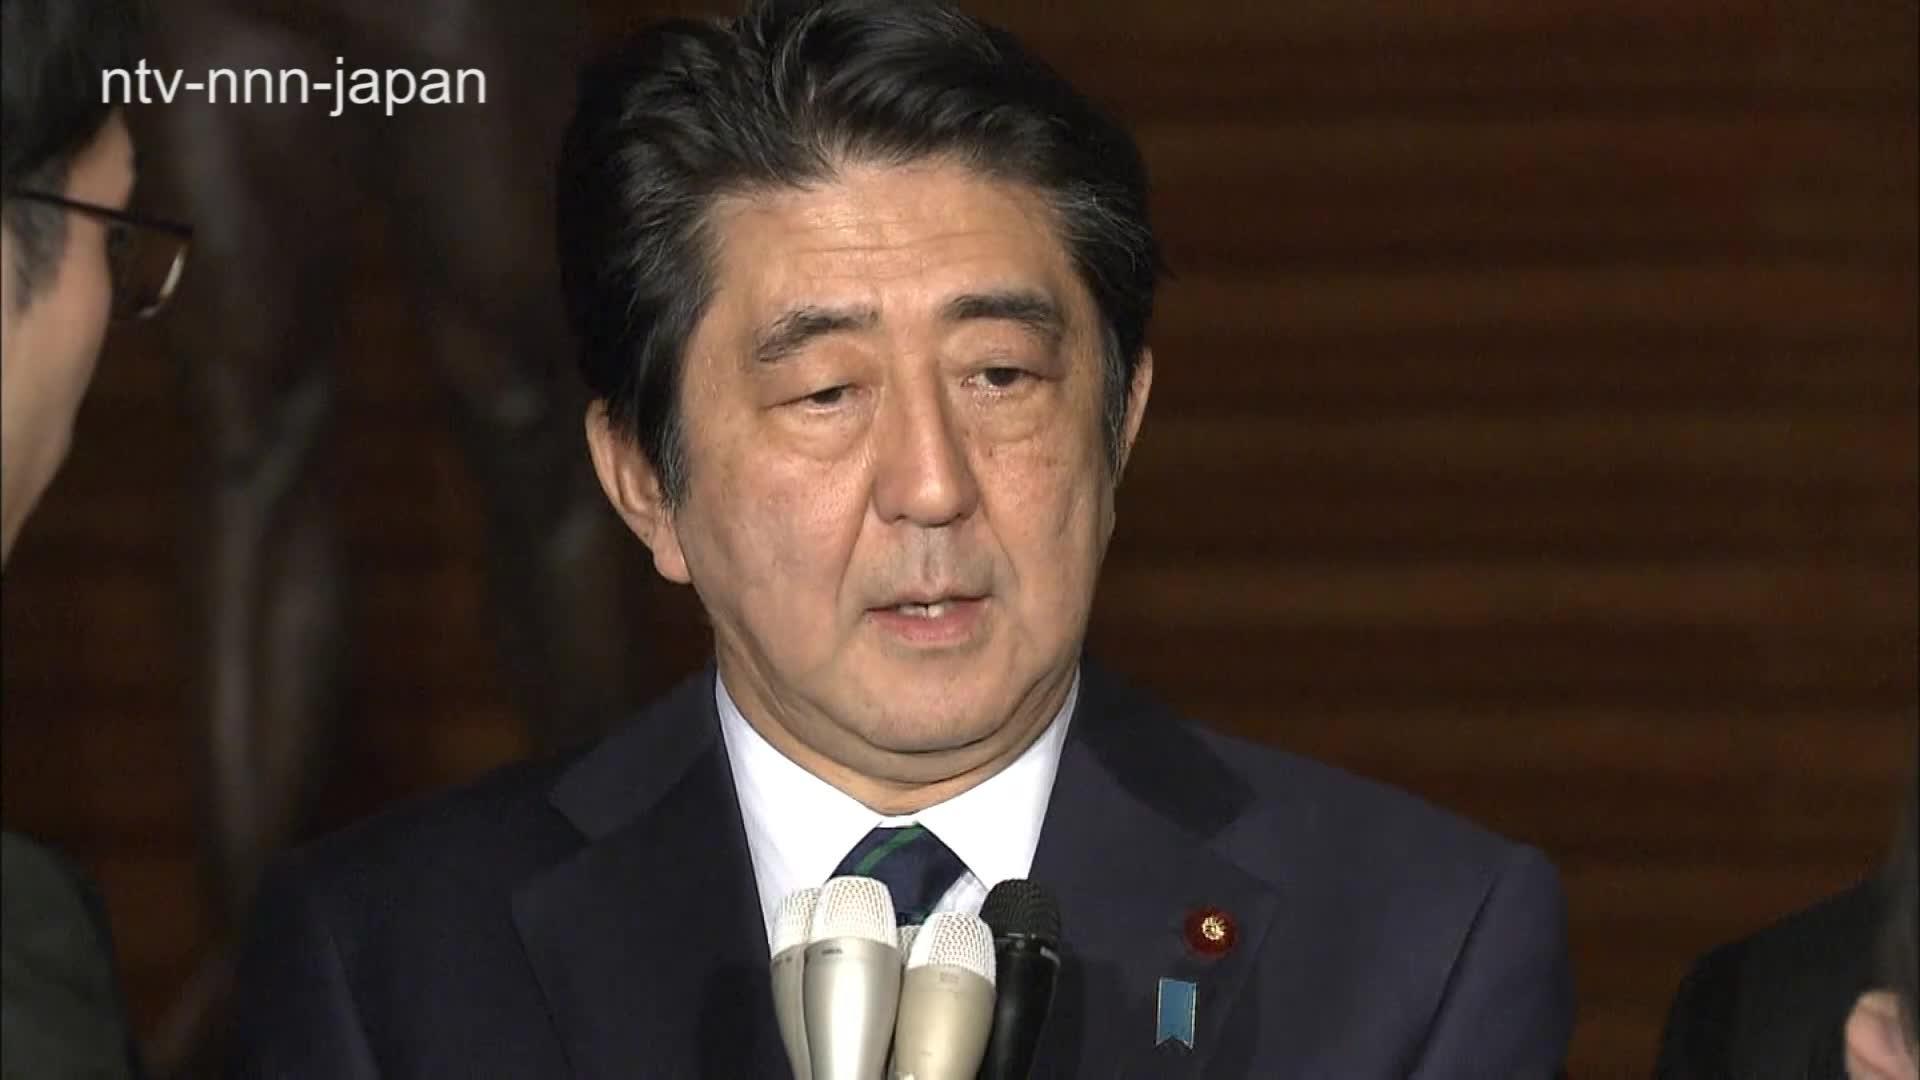 Japanese govt: no reason to doubt veracity of Yukawa killing